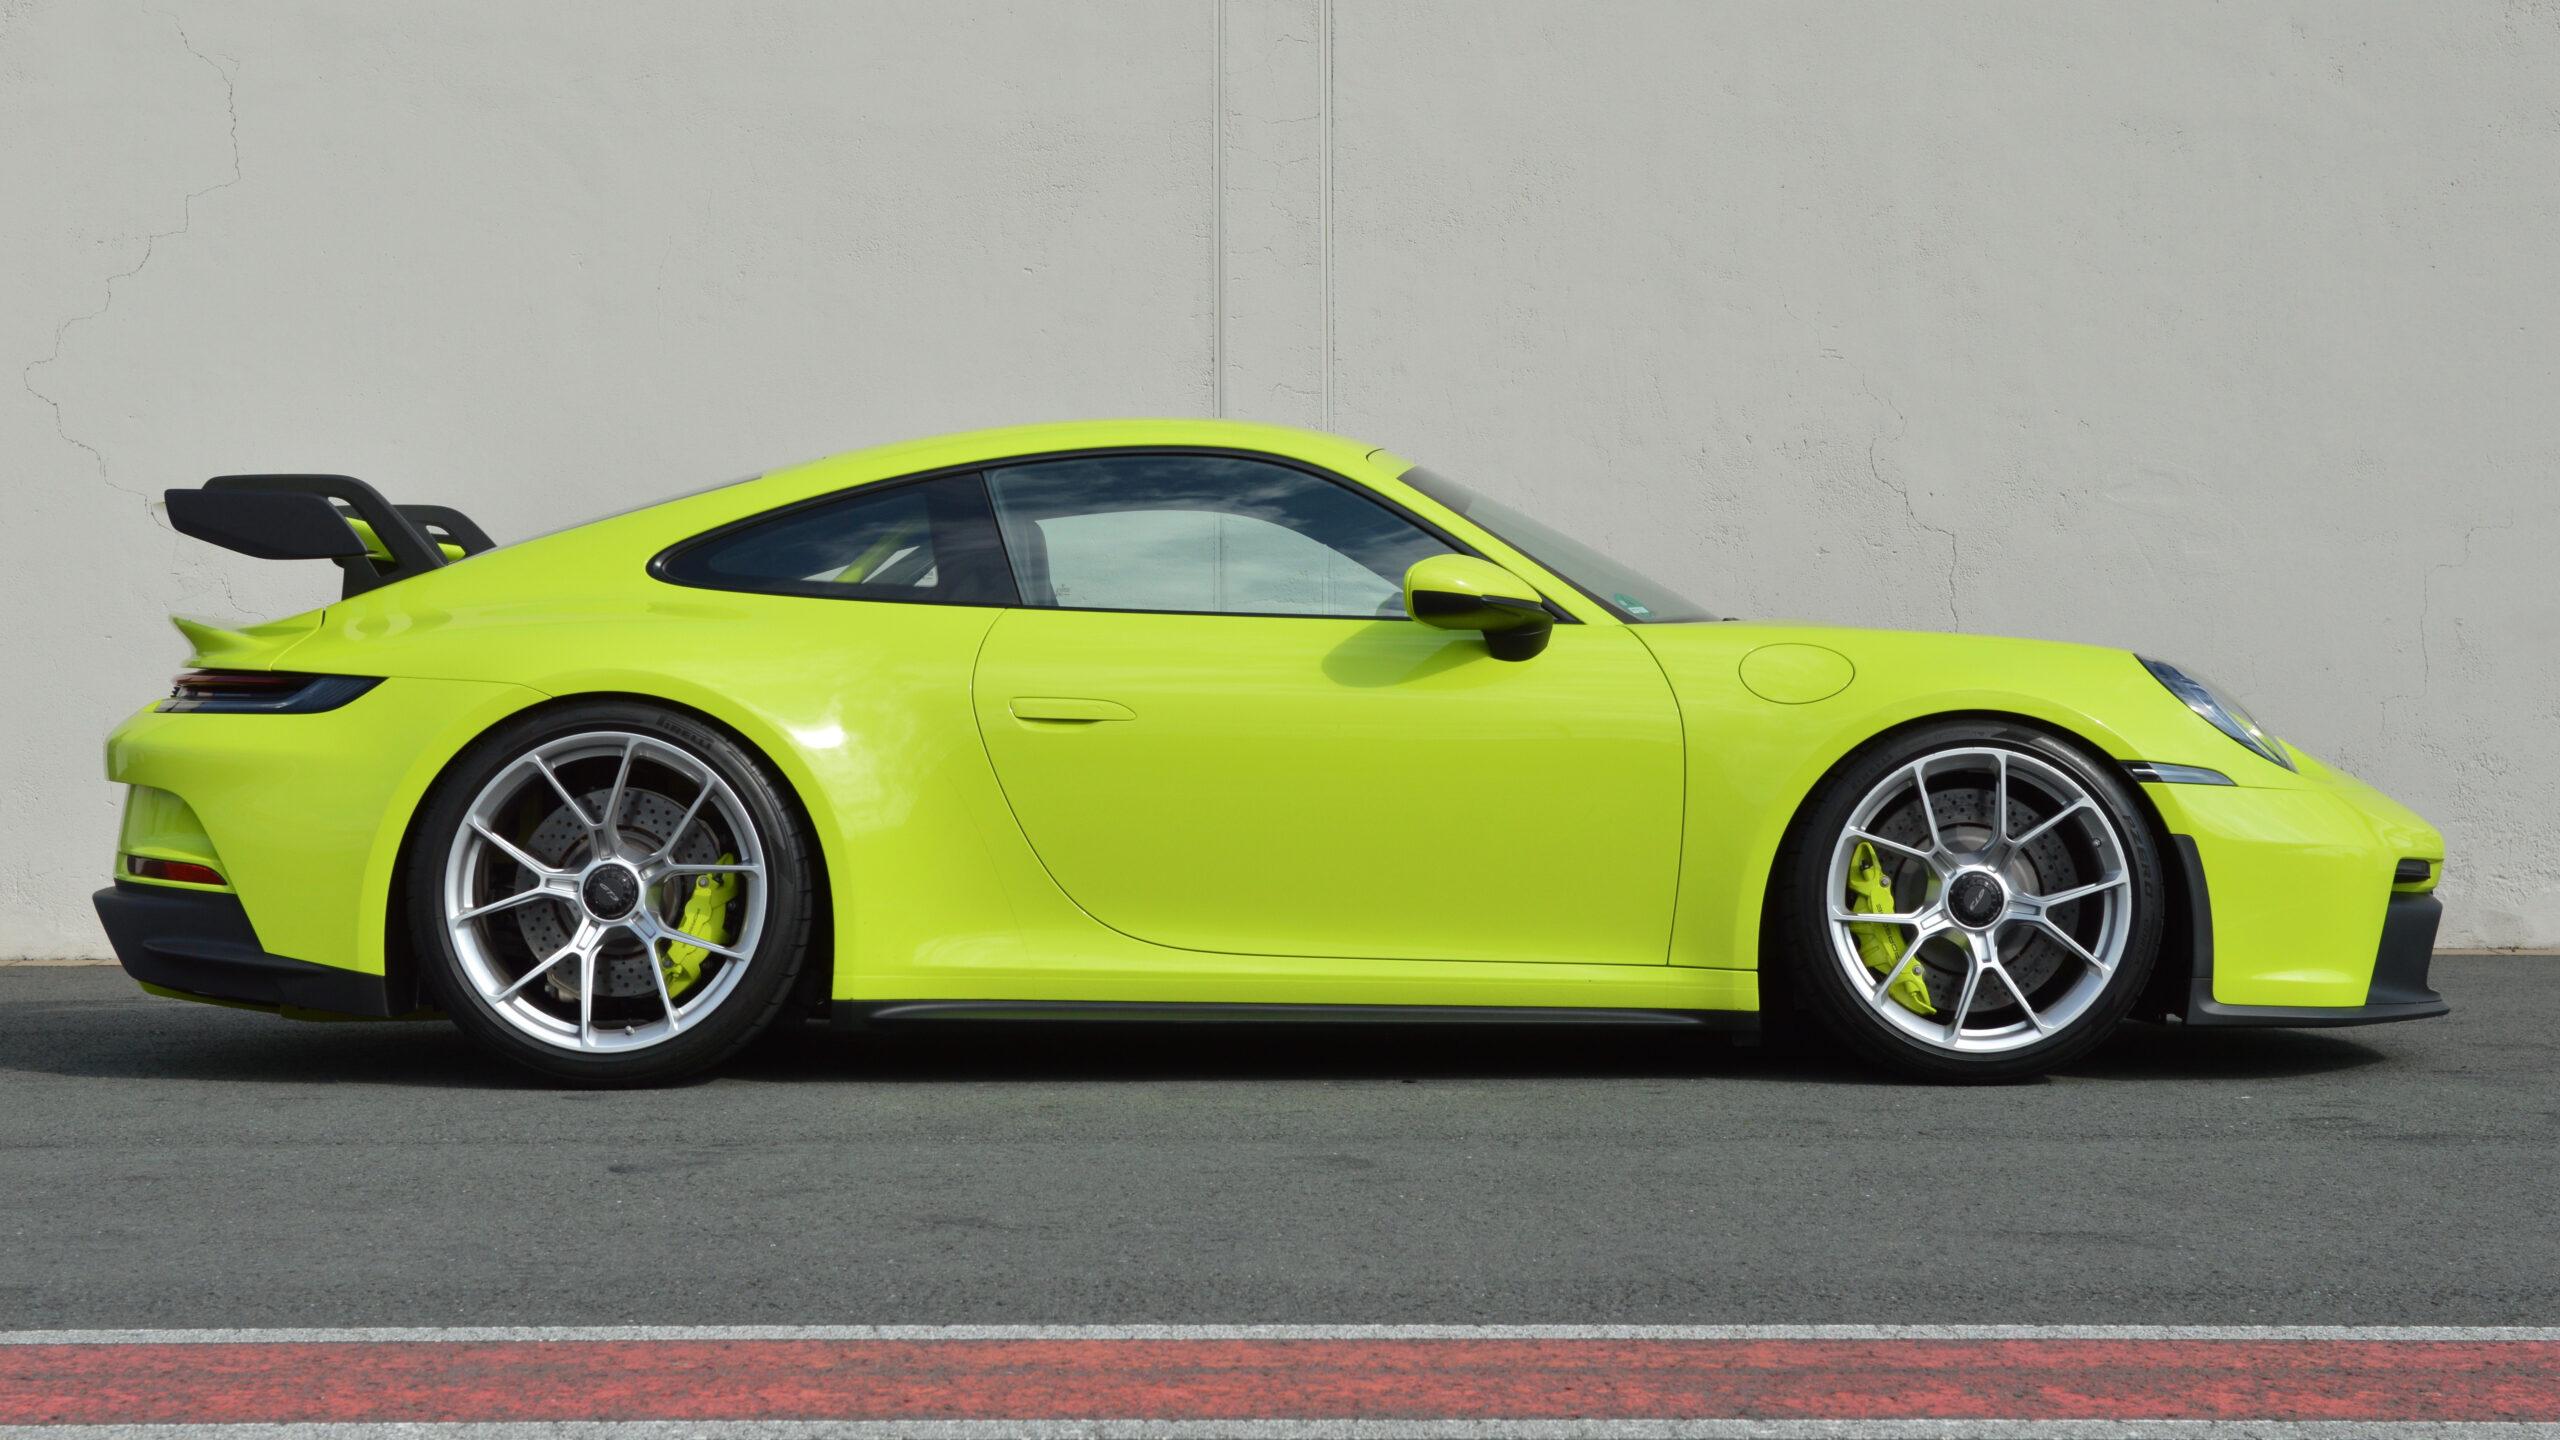 2021er-Porsche-911-GT3-Typ-992.1-AP-Car-Design-PTS-Acidgreen-0037